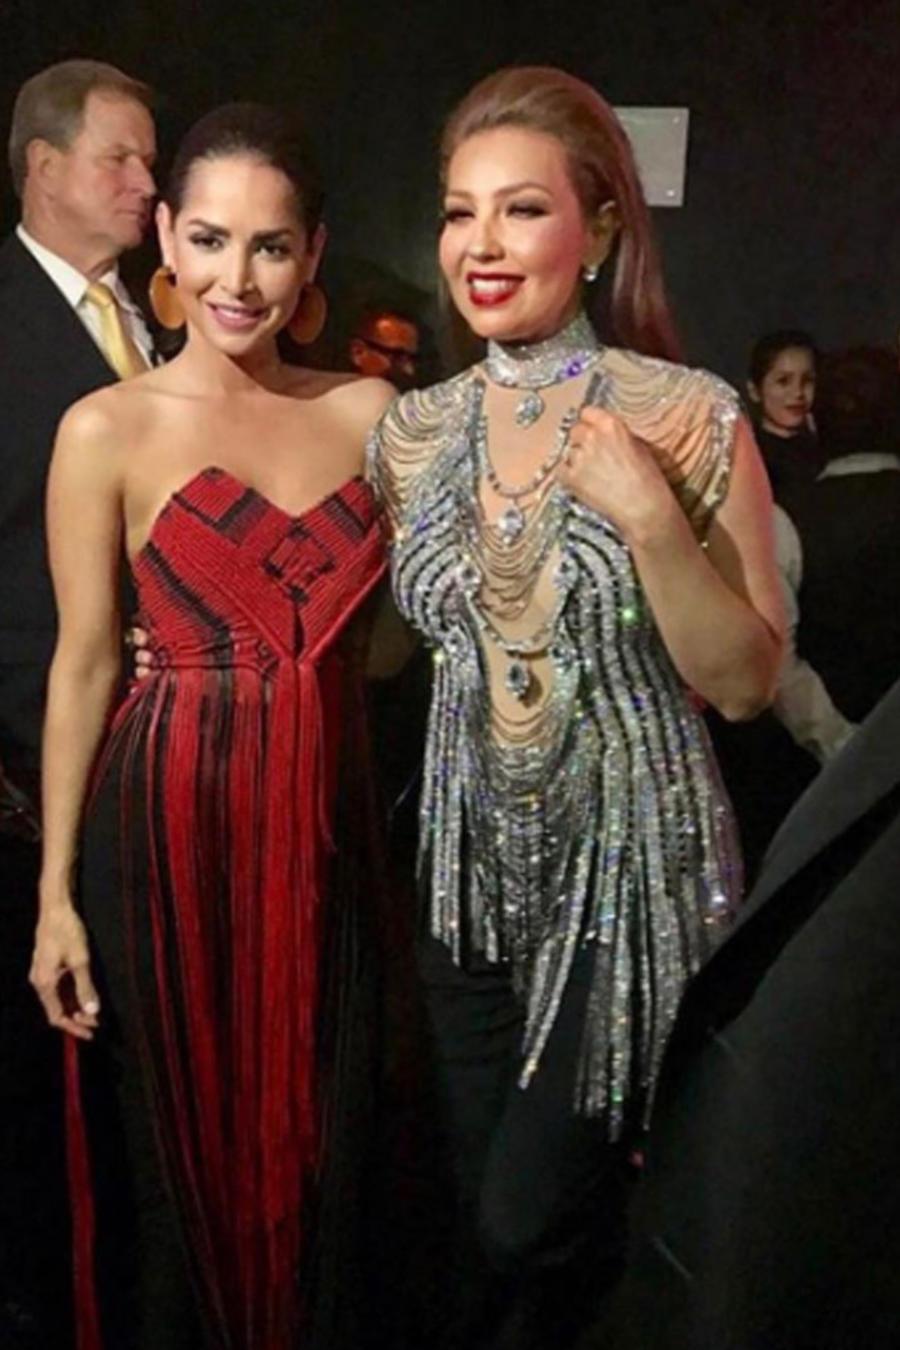 Carmen Villalobos y Thalía en una foto que ha causado controversia